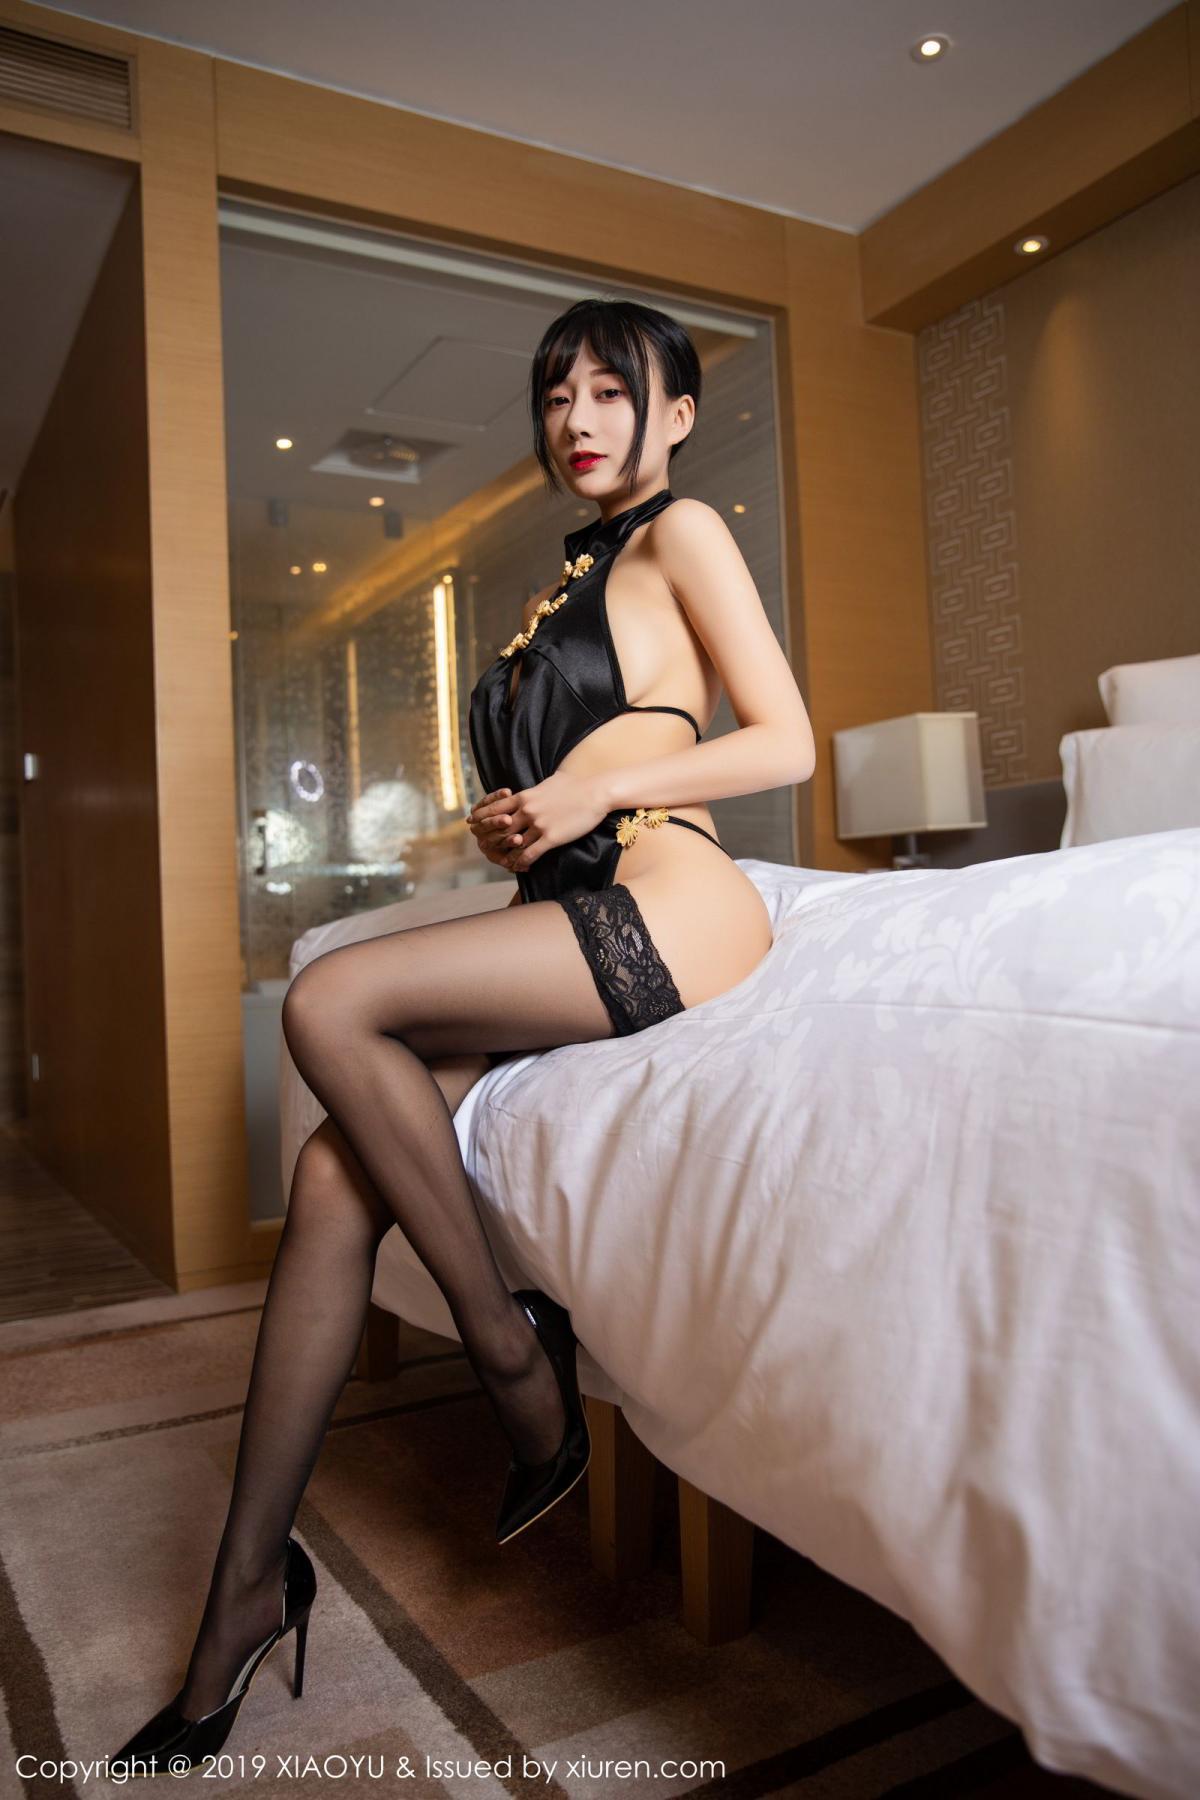 [XiaoYu] Vol.170 He Jia Ying 14P, He Jia Ying, Tall, XiaoYu